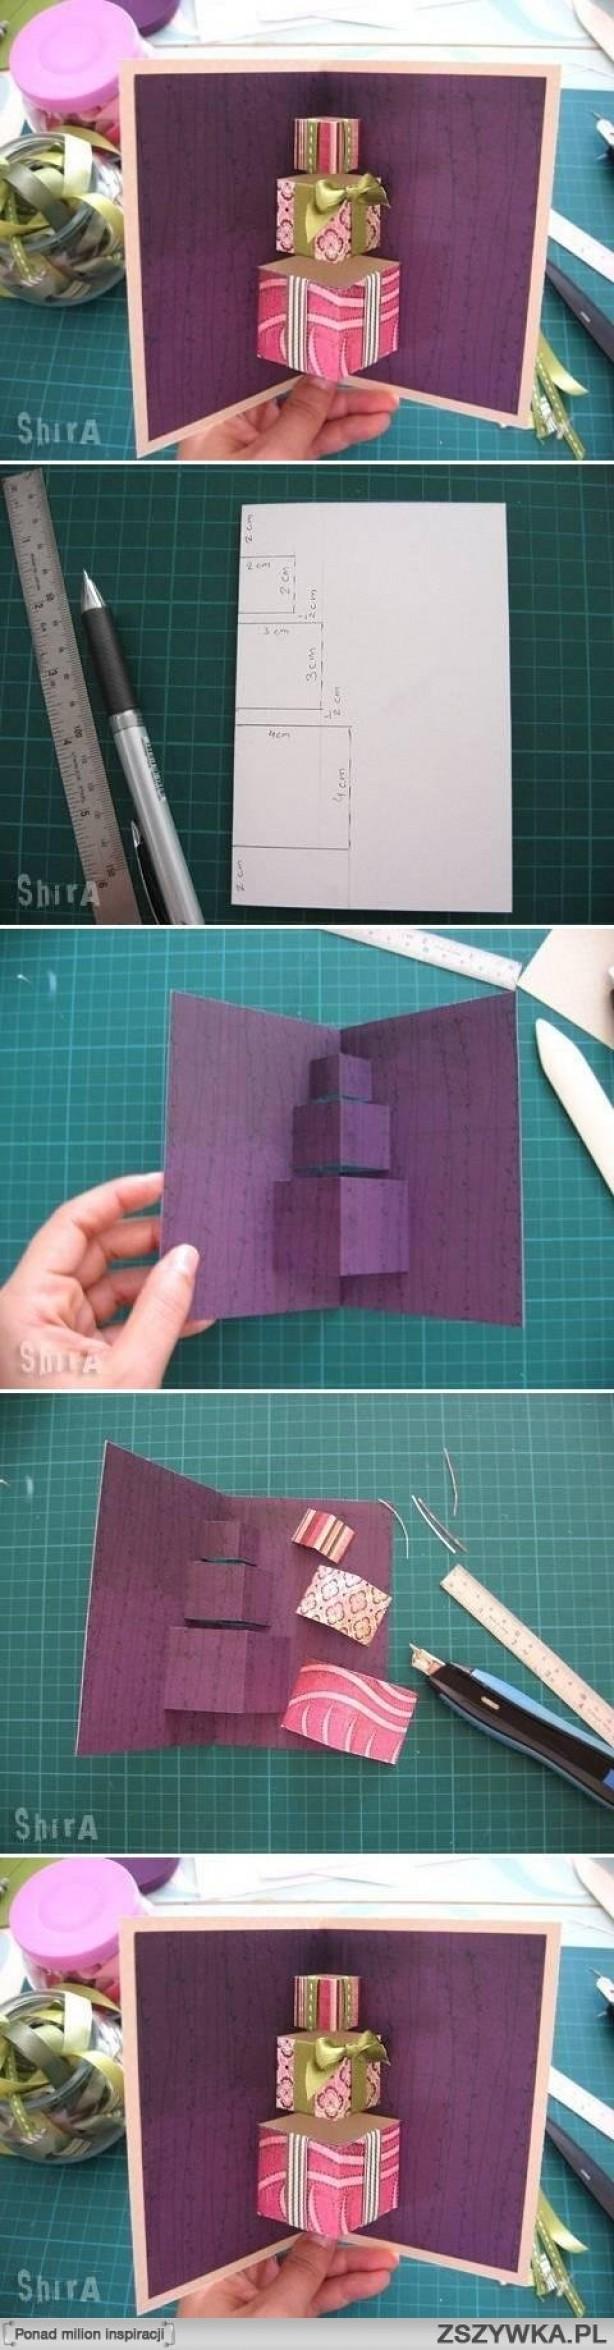 Leuk idee om zelf een popup wenskaart te maken zelf kaarten